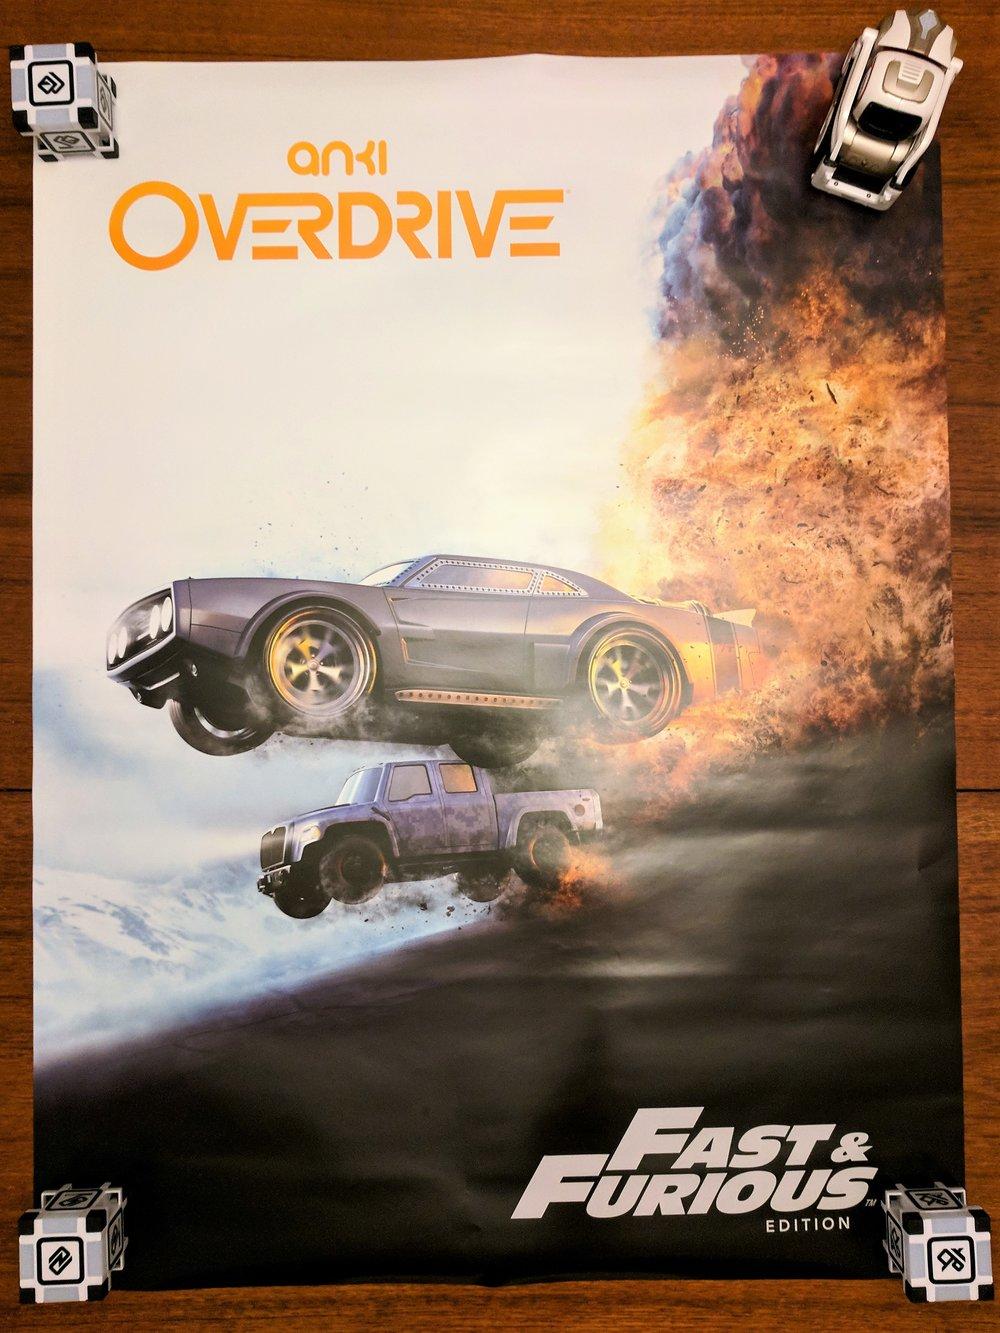 Overdrive-Poster.jpg